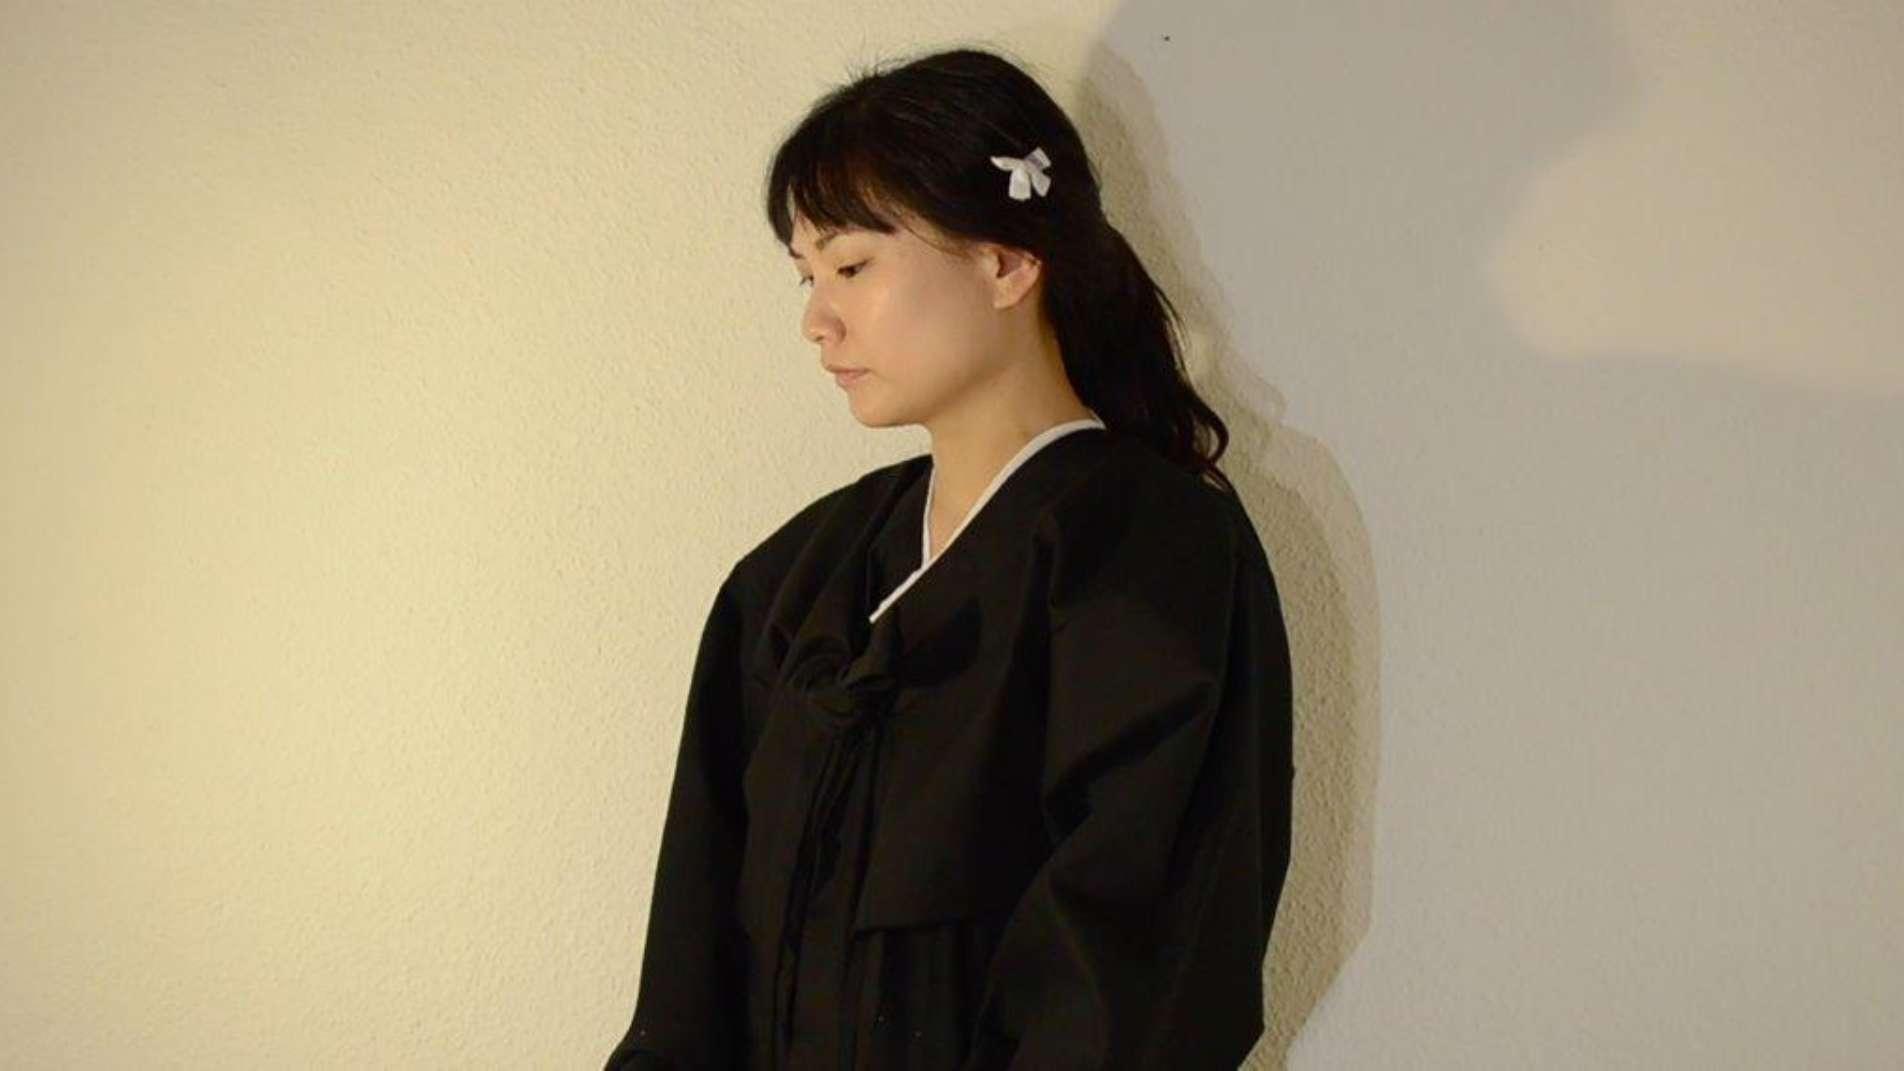 Frau mit schwarzen Haaren, die zu einem Zopf gebunden sind, und einem schwarzen Umhang, steht im Halbprofil vor einer weißen Wand